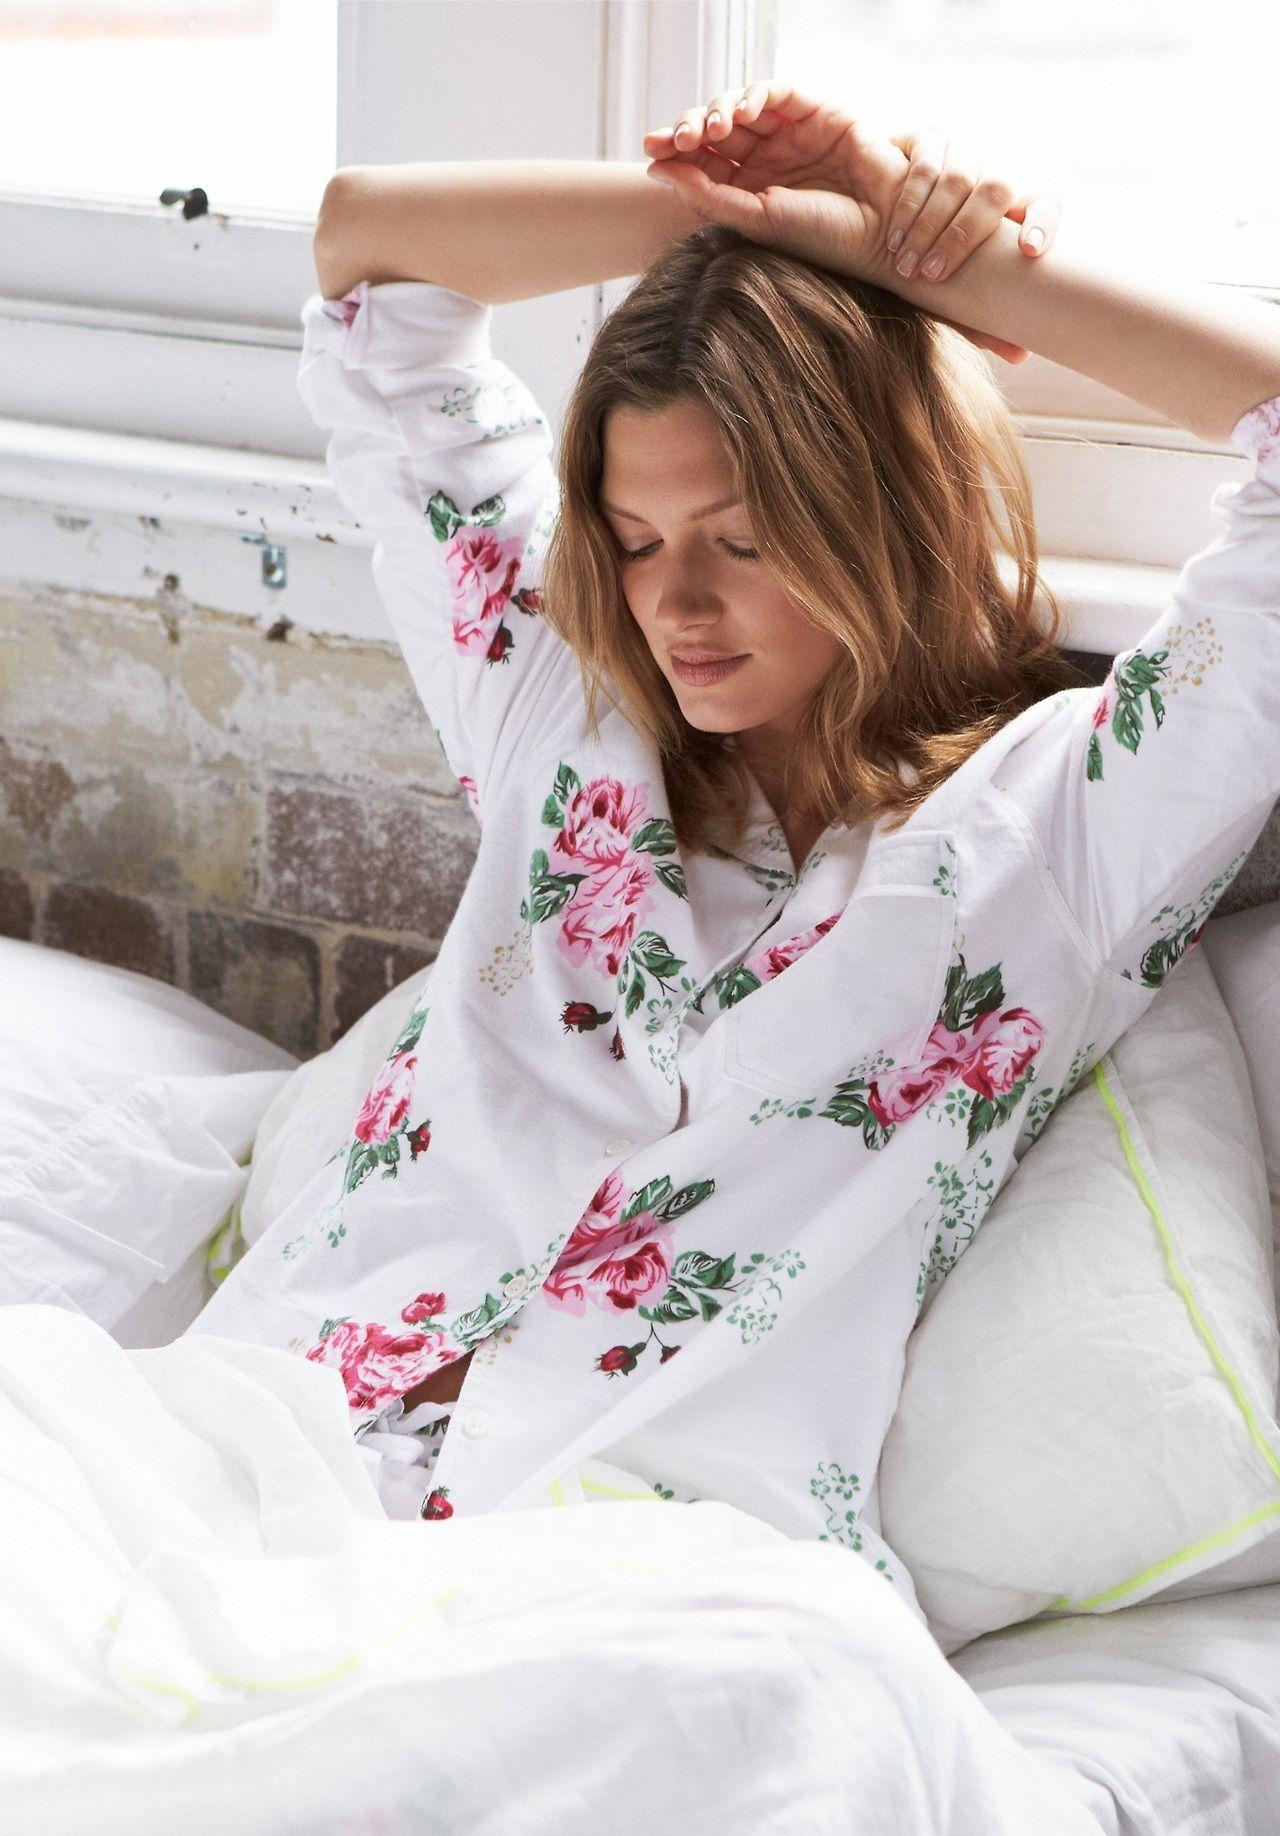 c3c287f52b4fa0 4 Ways to Avoid Getting Sick While Traveling Cosy, Sunday Morning, Lazy  Sunday,